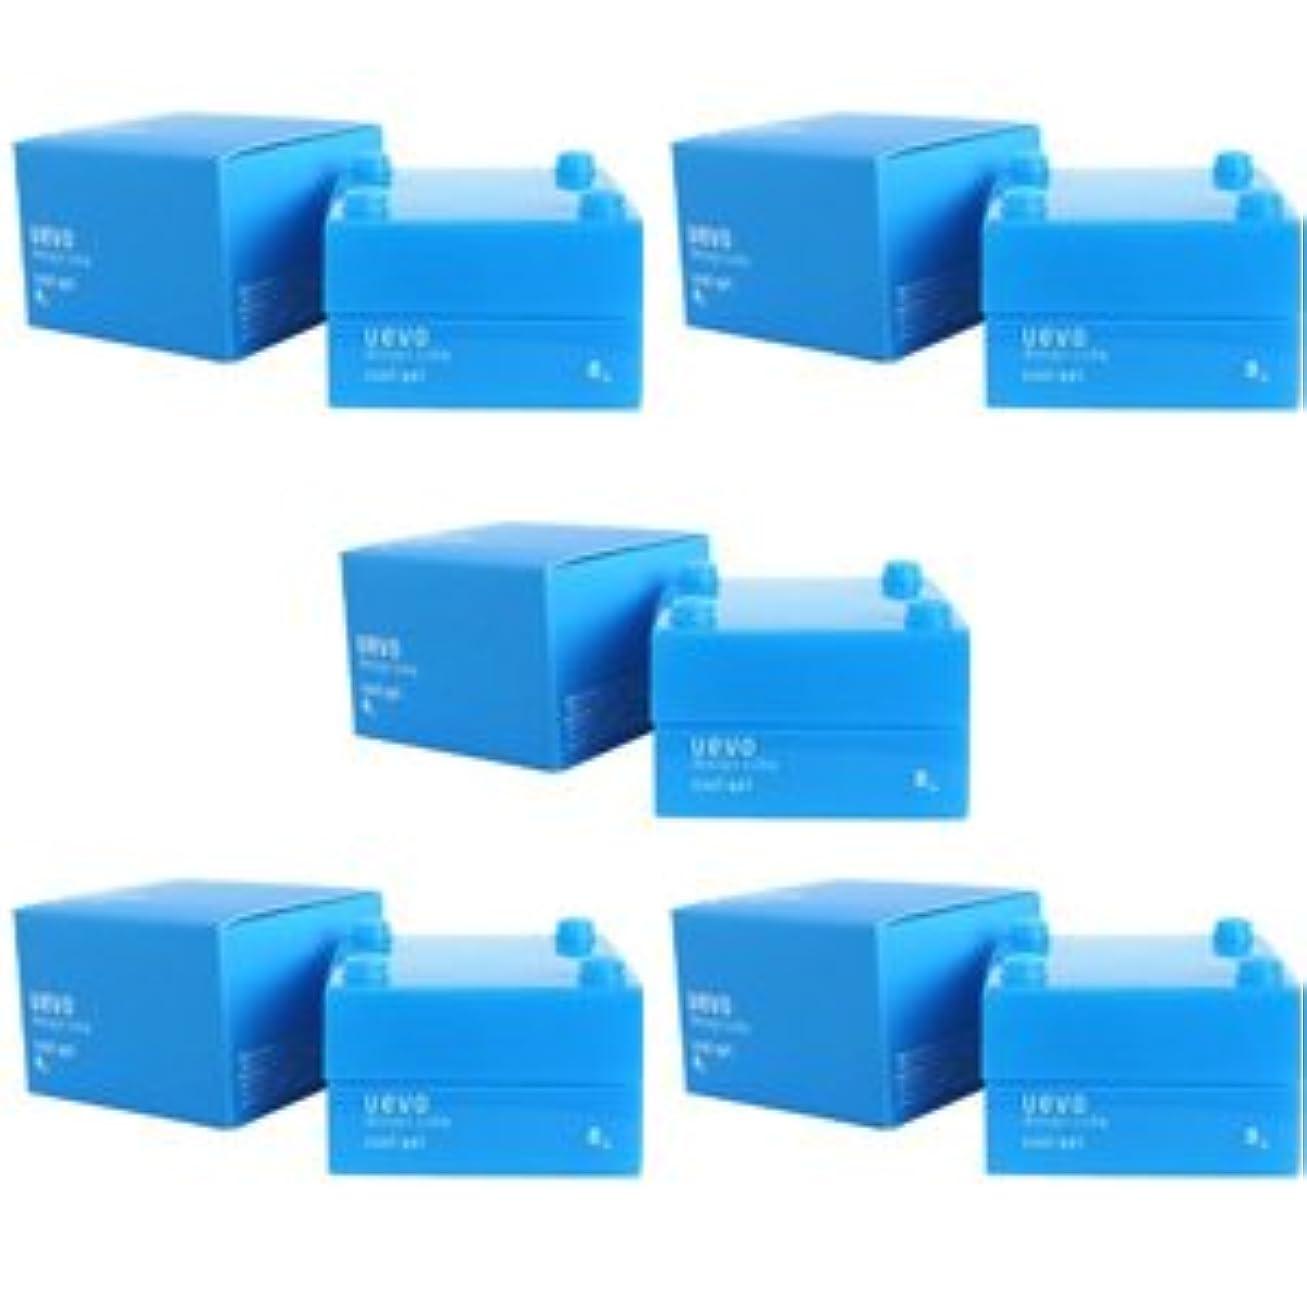 手予防接種する方程式【X5個セット】 デミ ウェーボ デザインキューブ クールジェル 30g cool gel DEMI uevo design cube